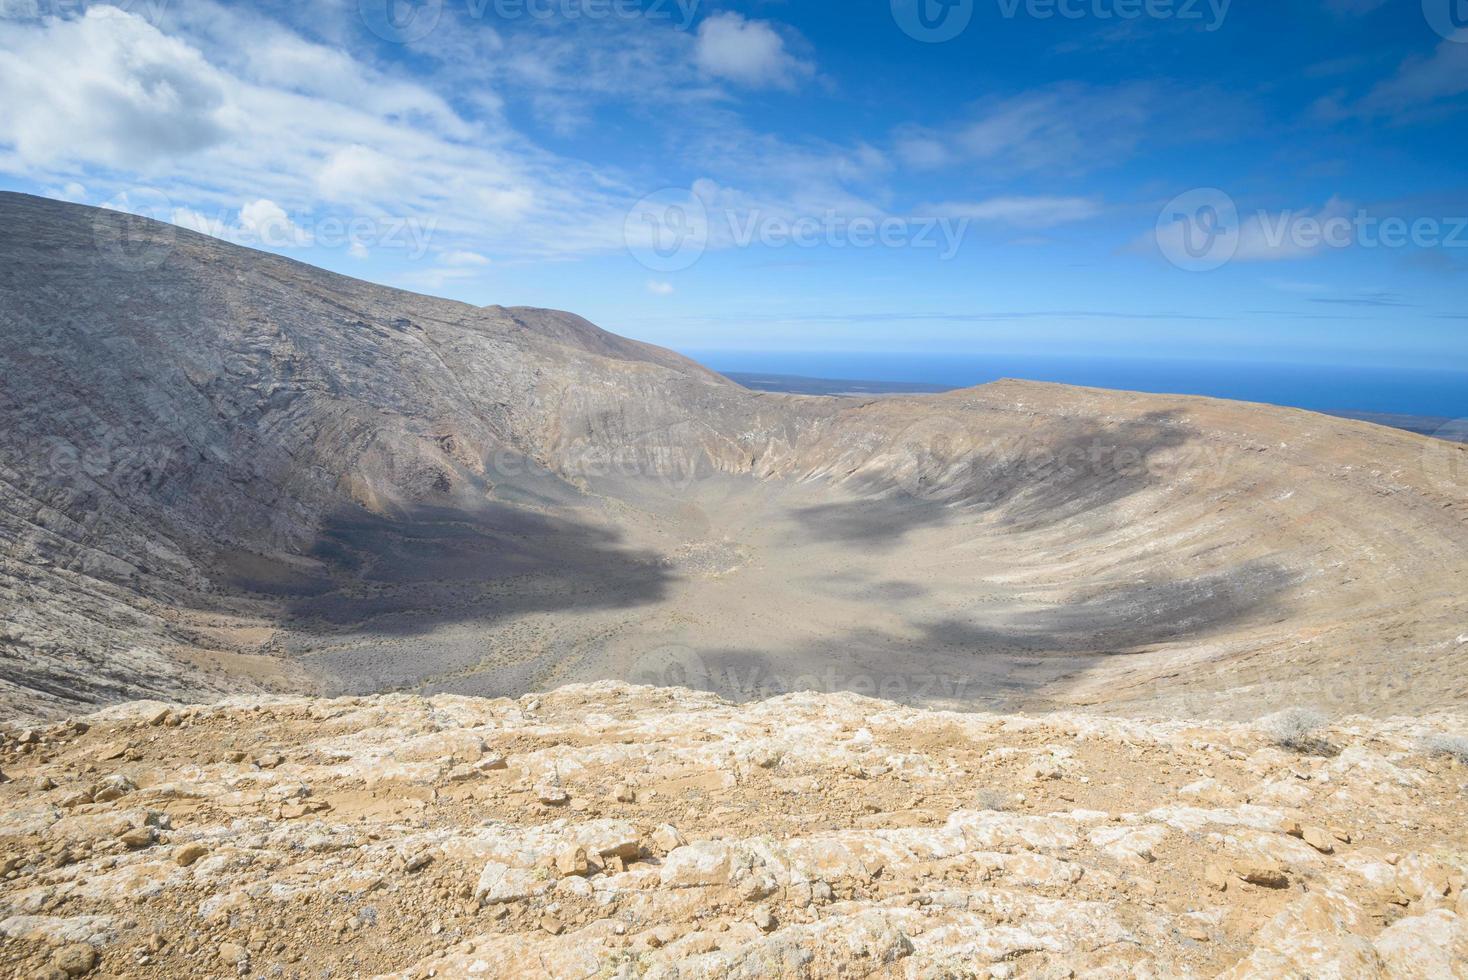 cratera branca em lanzarote, ilhas canárias (espanha) foto